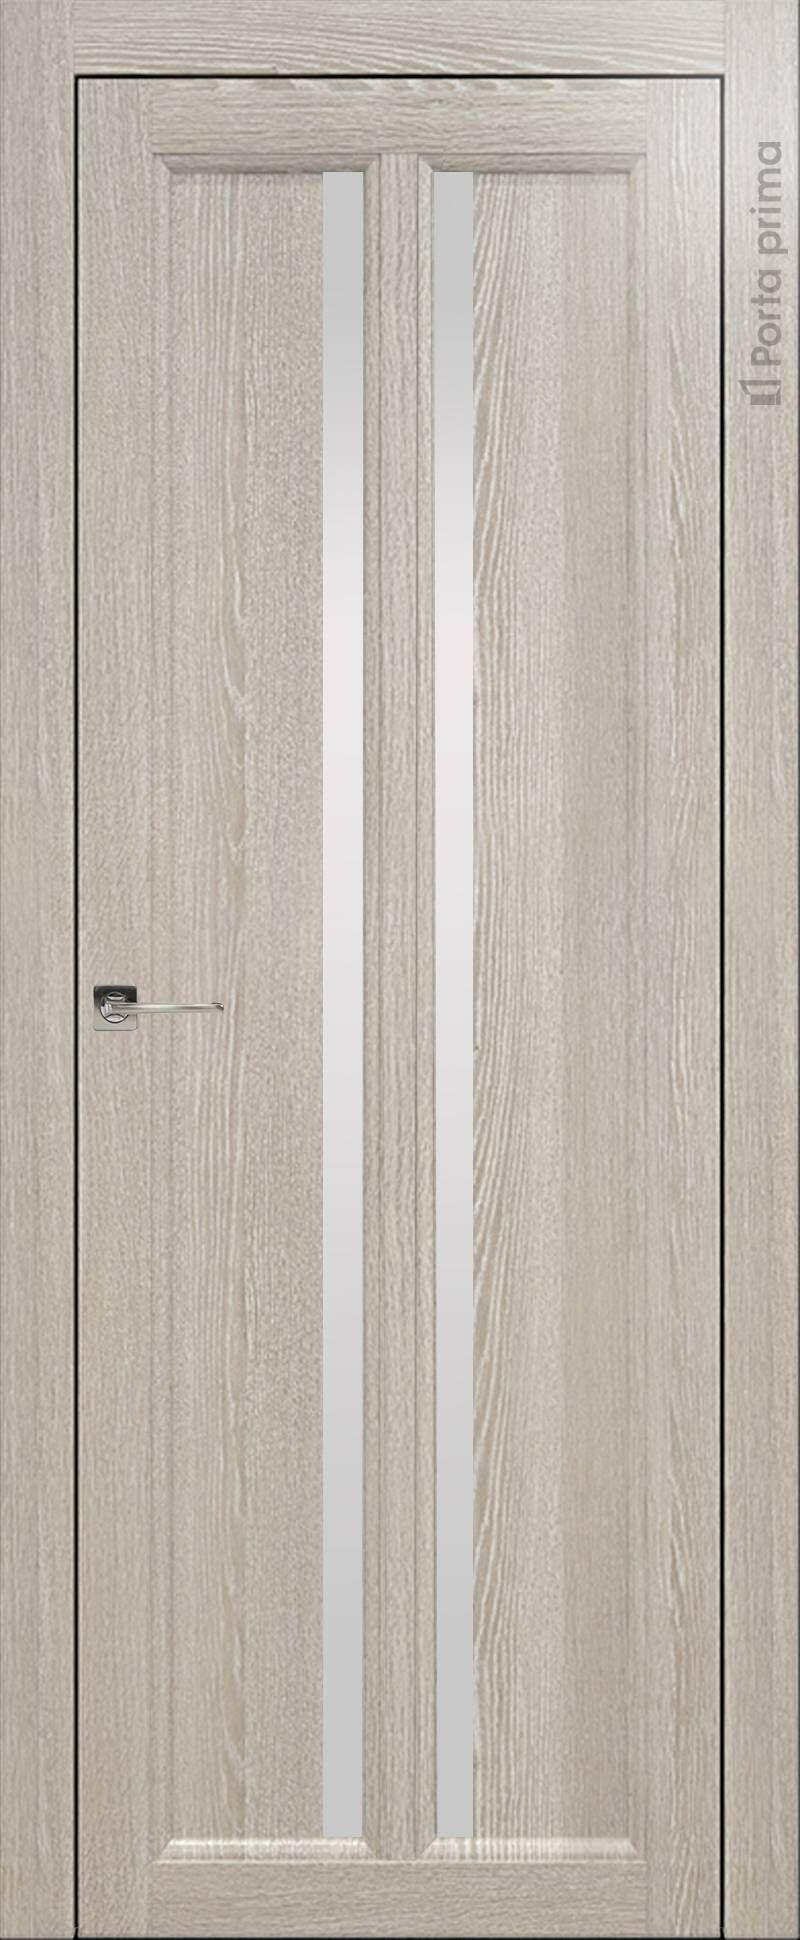 Sorrento-R Е4 цвет - Серый дуб Без стекла (ДГ)